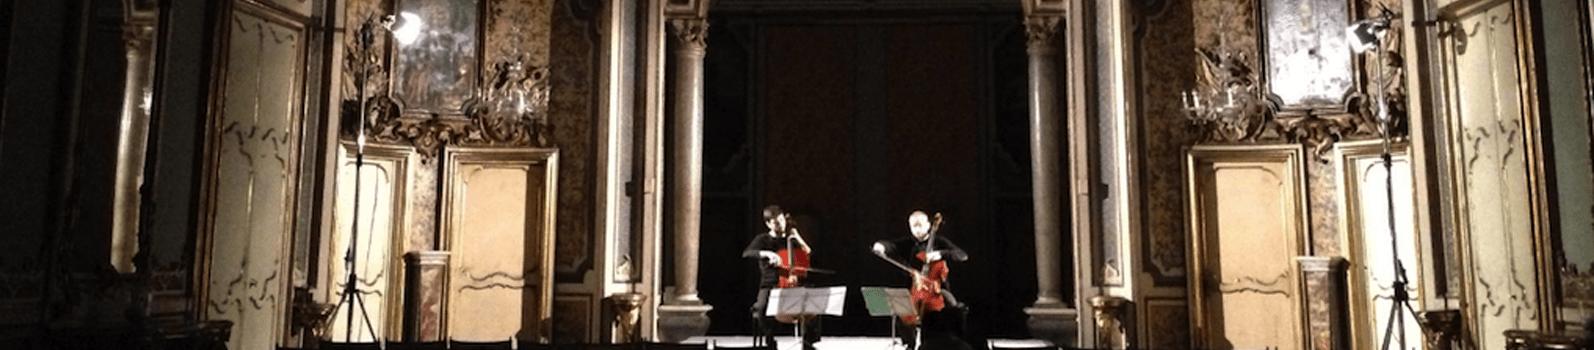 Concerti - Palazzo Biscari